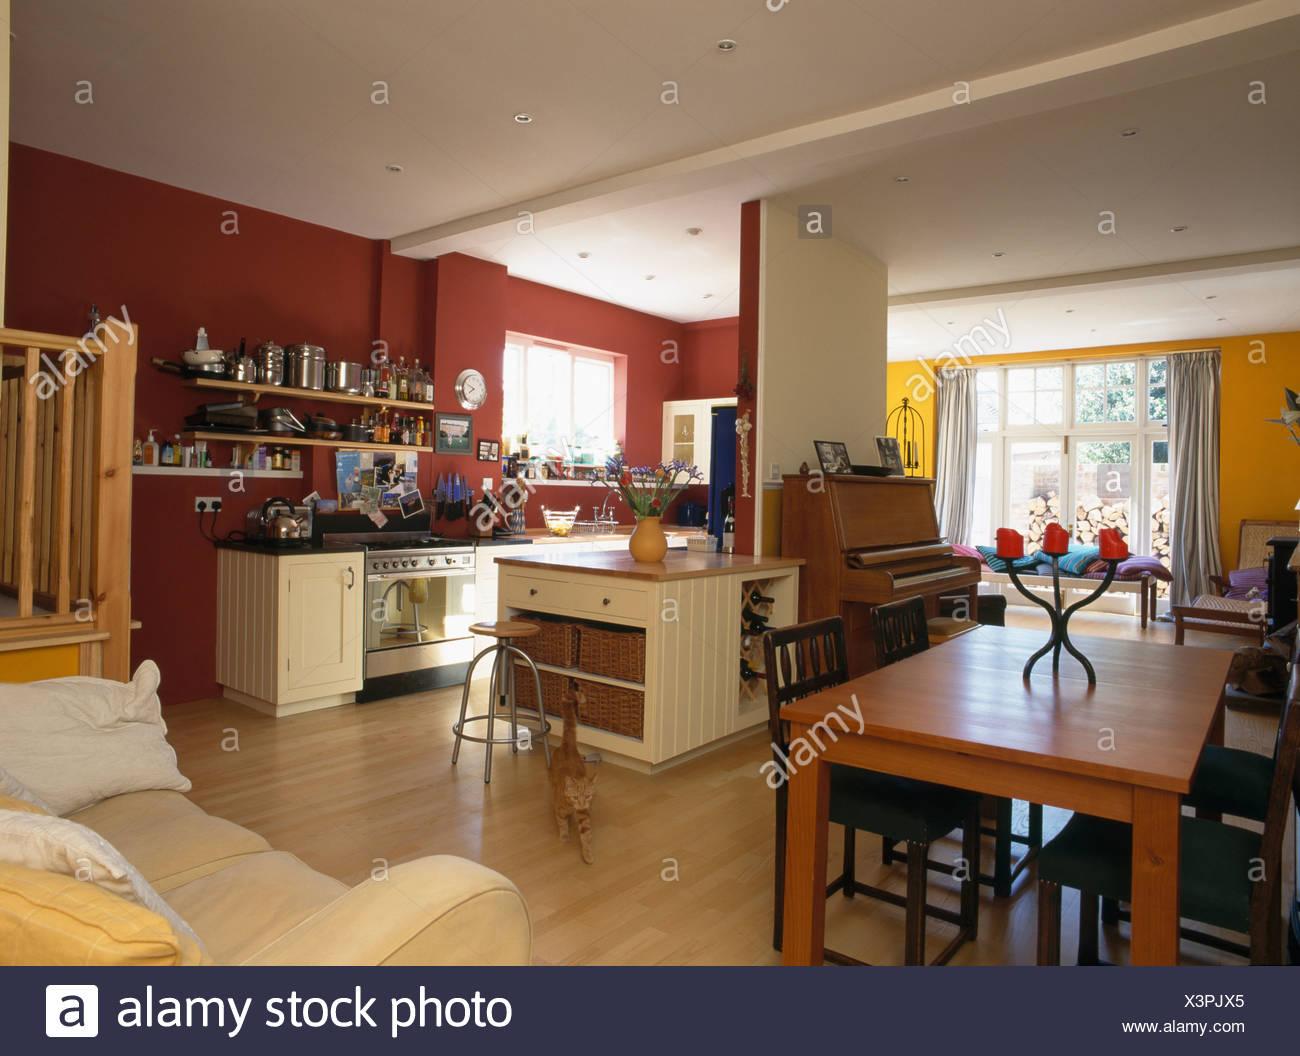 Table En Bois Et Parquet En Rouge Moderne Cuisine Américaine Salle à Manger